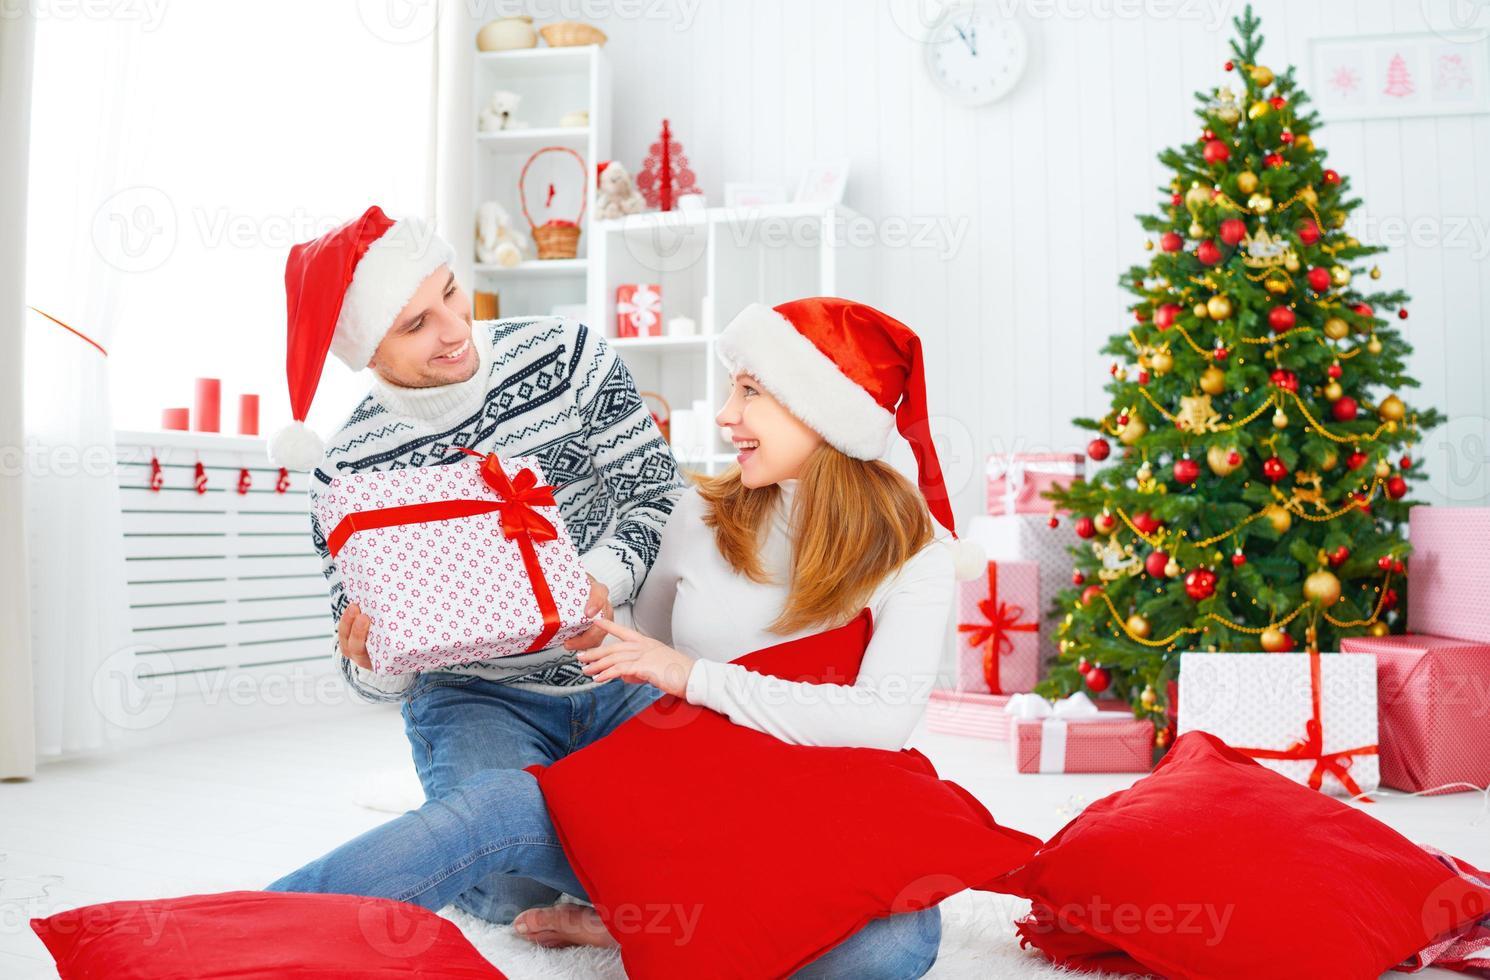 gelukkig gezin paar met een cadeau op Kerstmis thuis foto